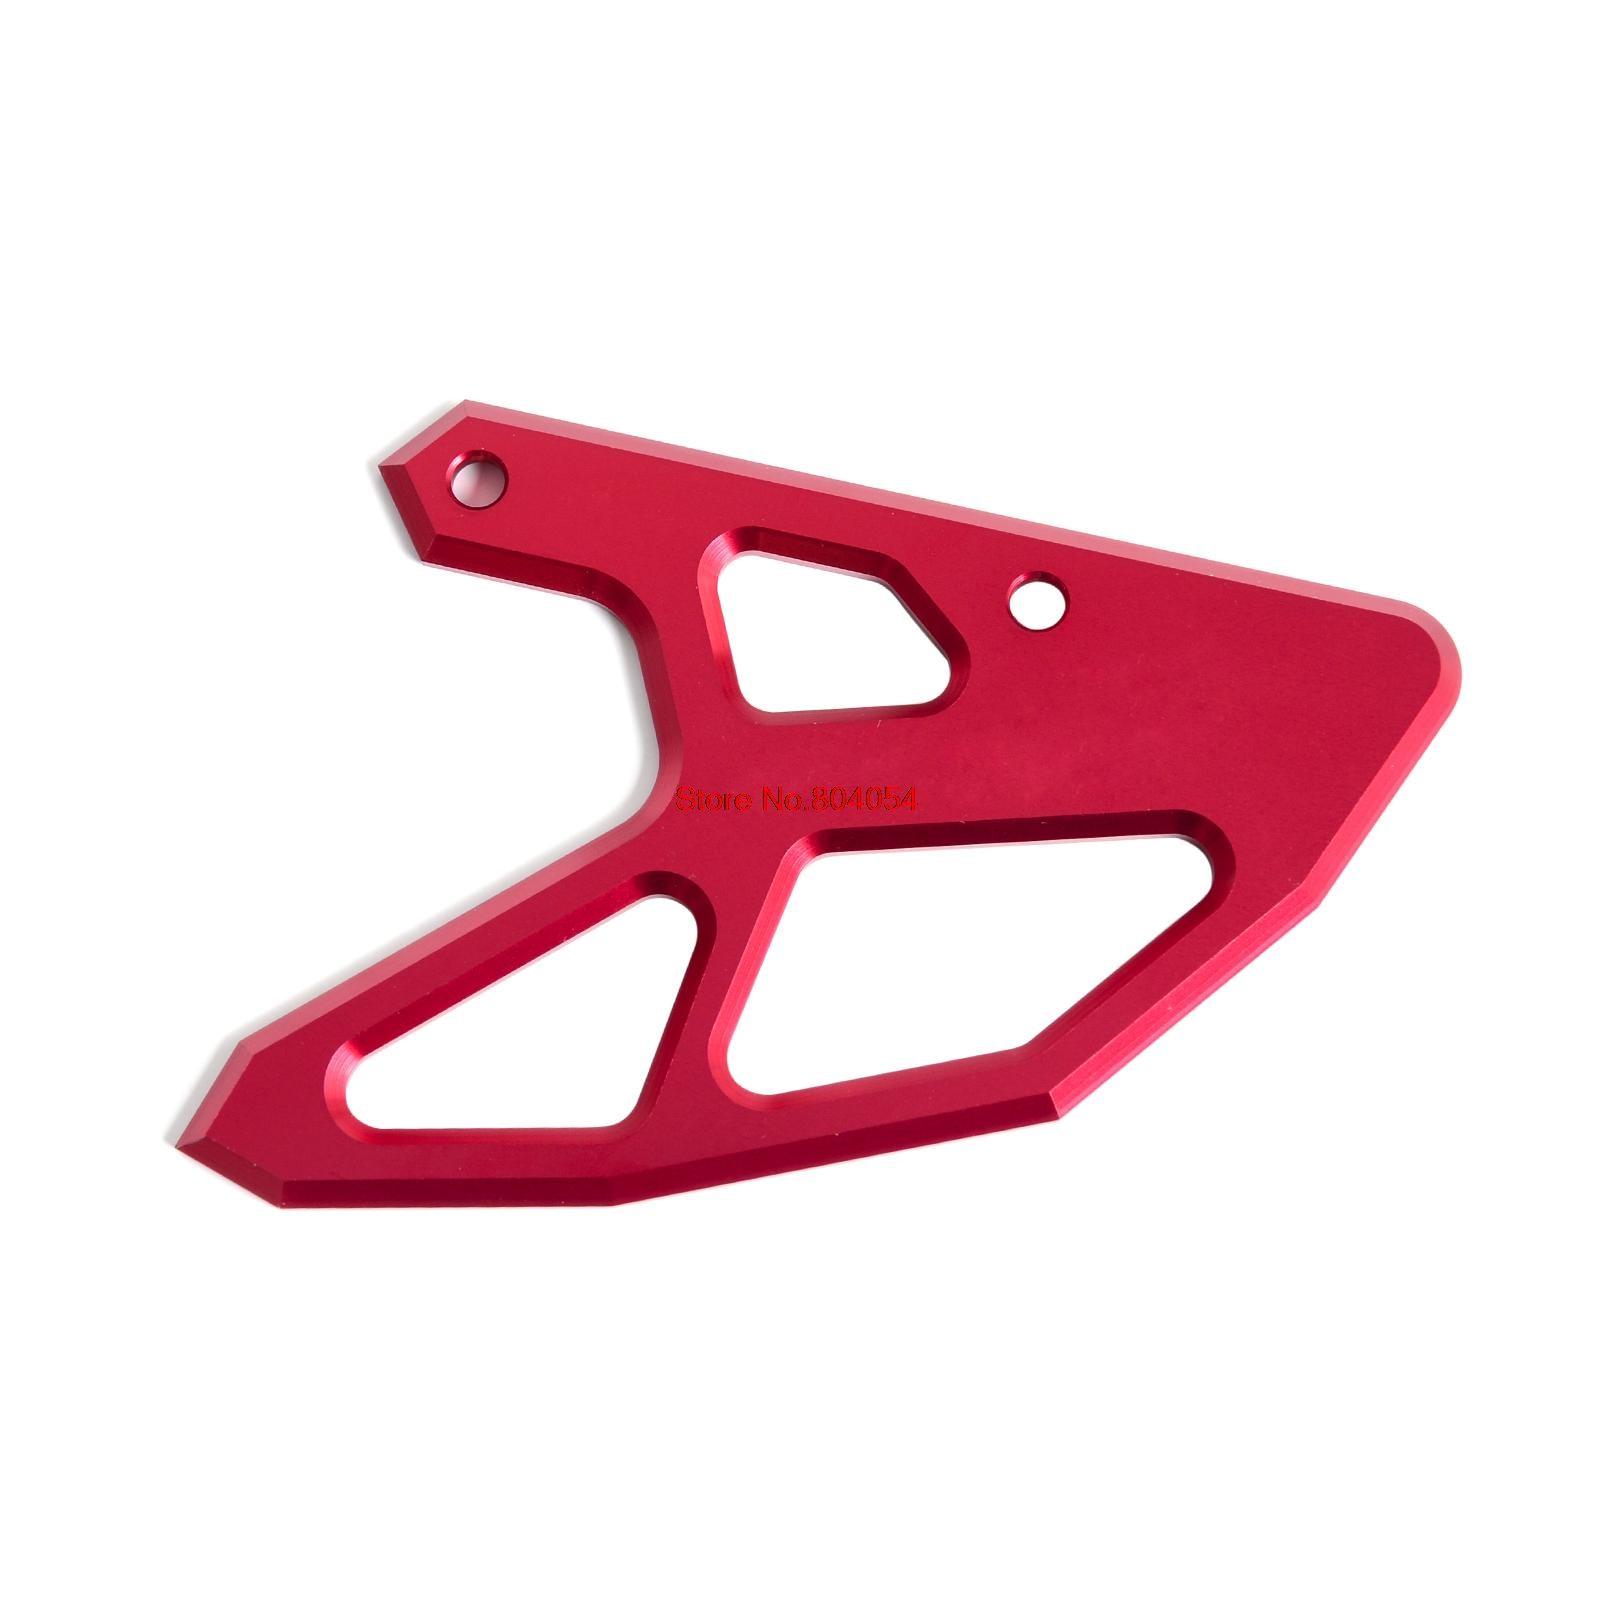 Rear Brake Disc Guard for Honda CR125R CR250R 202-2007 CRF250R CRF250X 2004-2017 CRF450R 2002-2017 CRF450X 2005-2016<br><br>Aliexpress